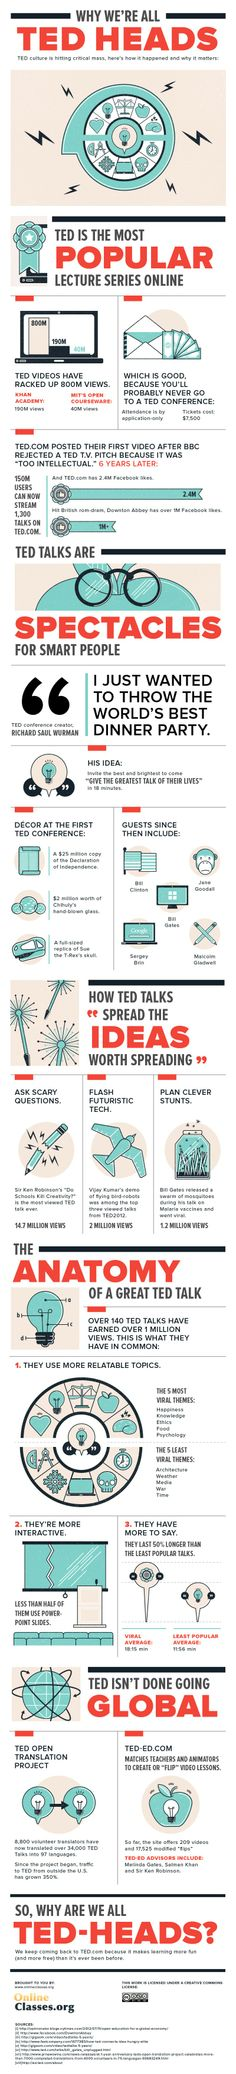 How Fear Drives American Politics | David Rothkopf | TED Talks ...